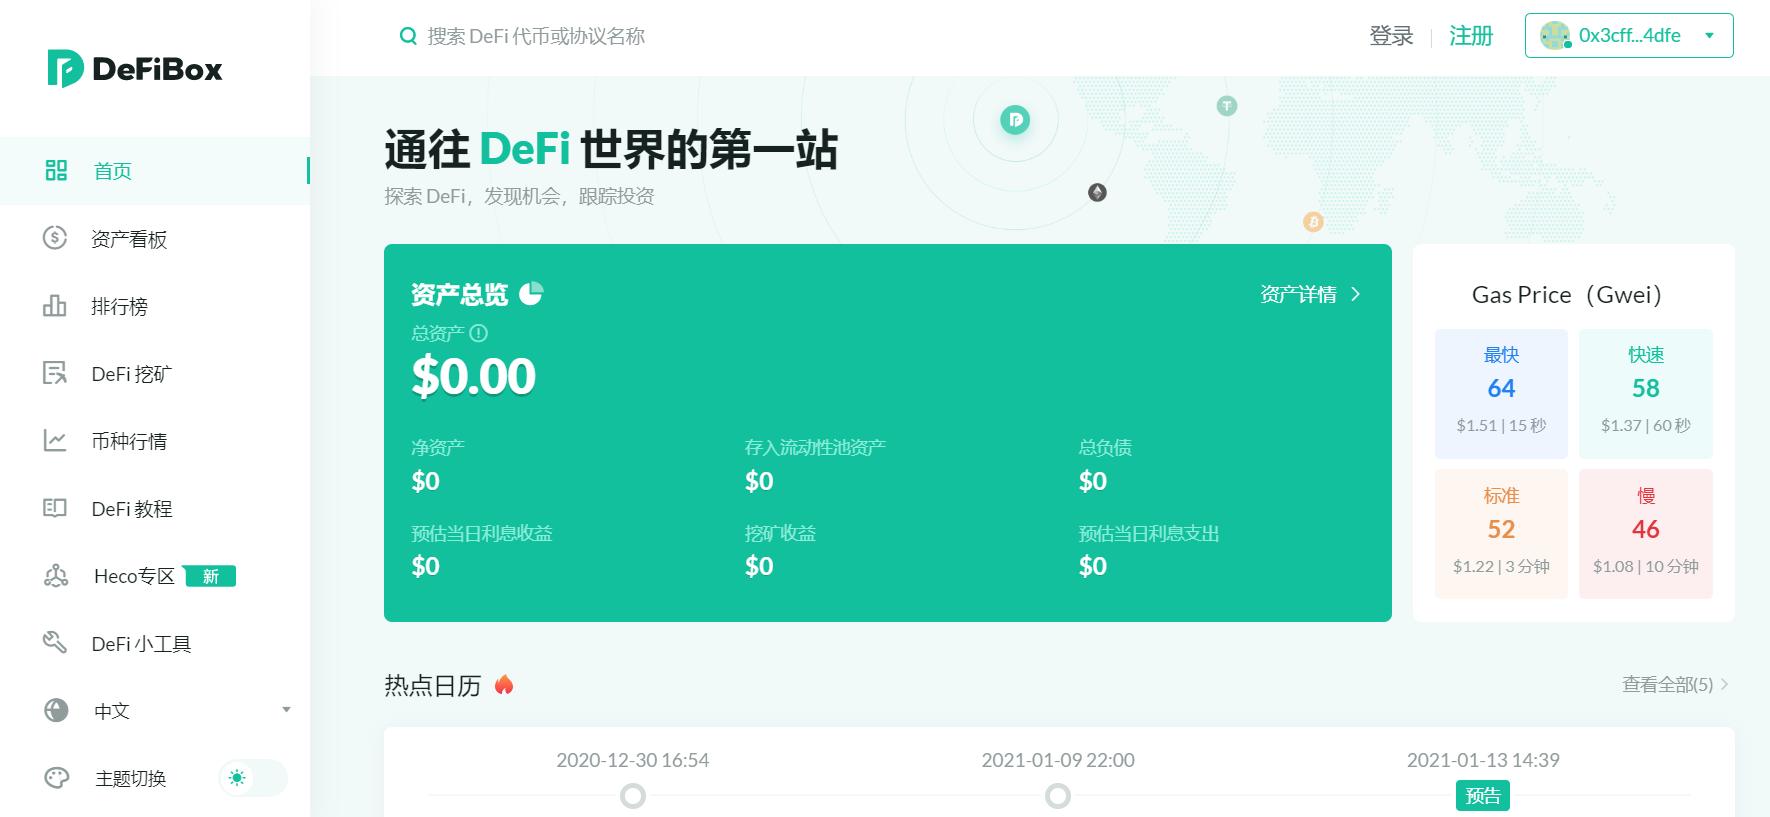 DeFiBox